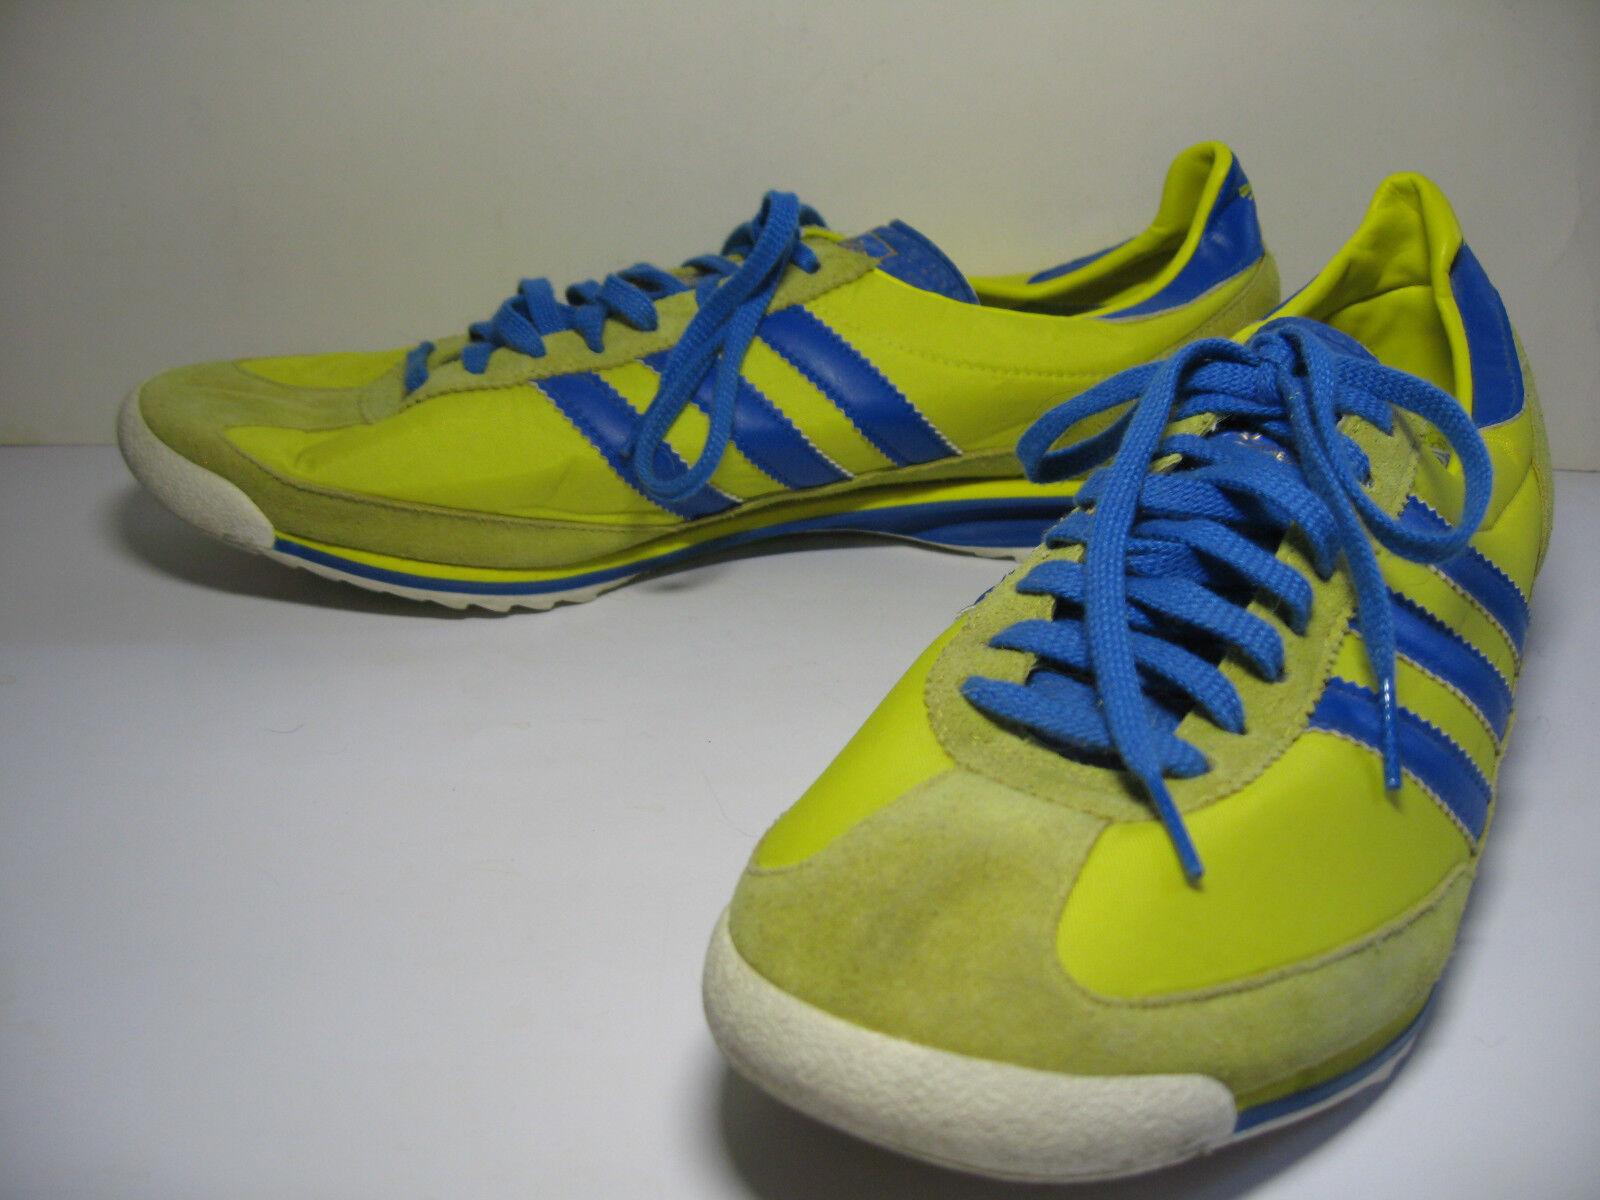 Adidas Originals Amarillo Sl 72 Retro Azul Amarillo Originals pista de entrenamiento Sl72 Zapatillas tamaño para hombre 13 b6120d